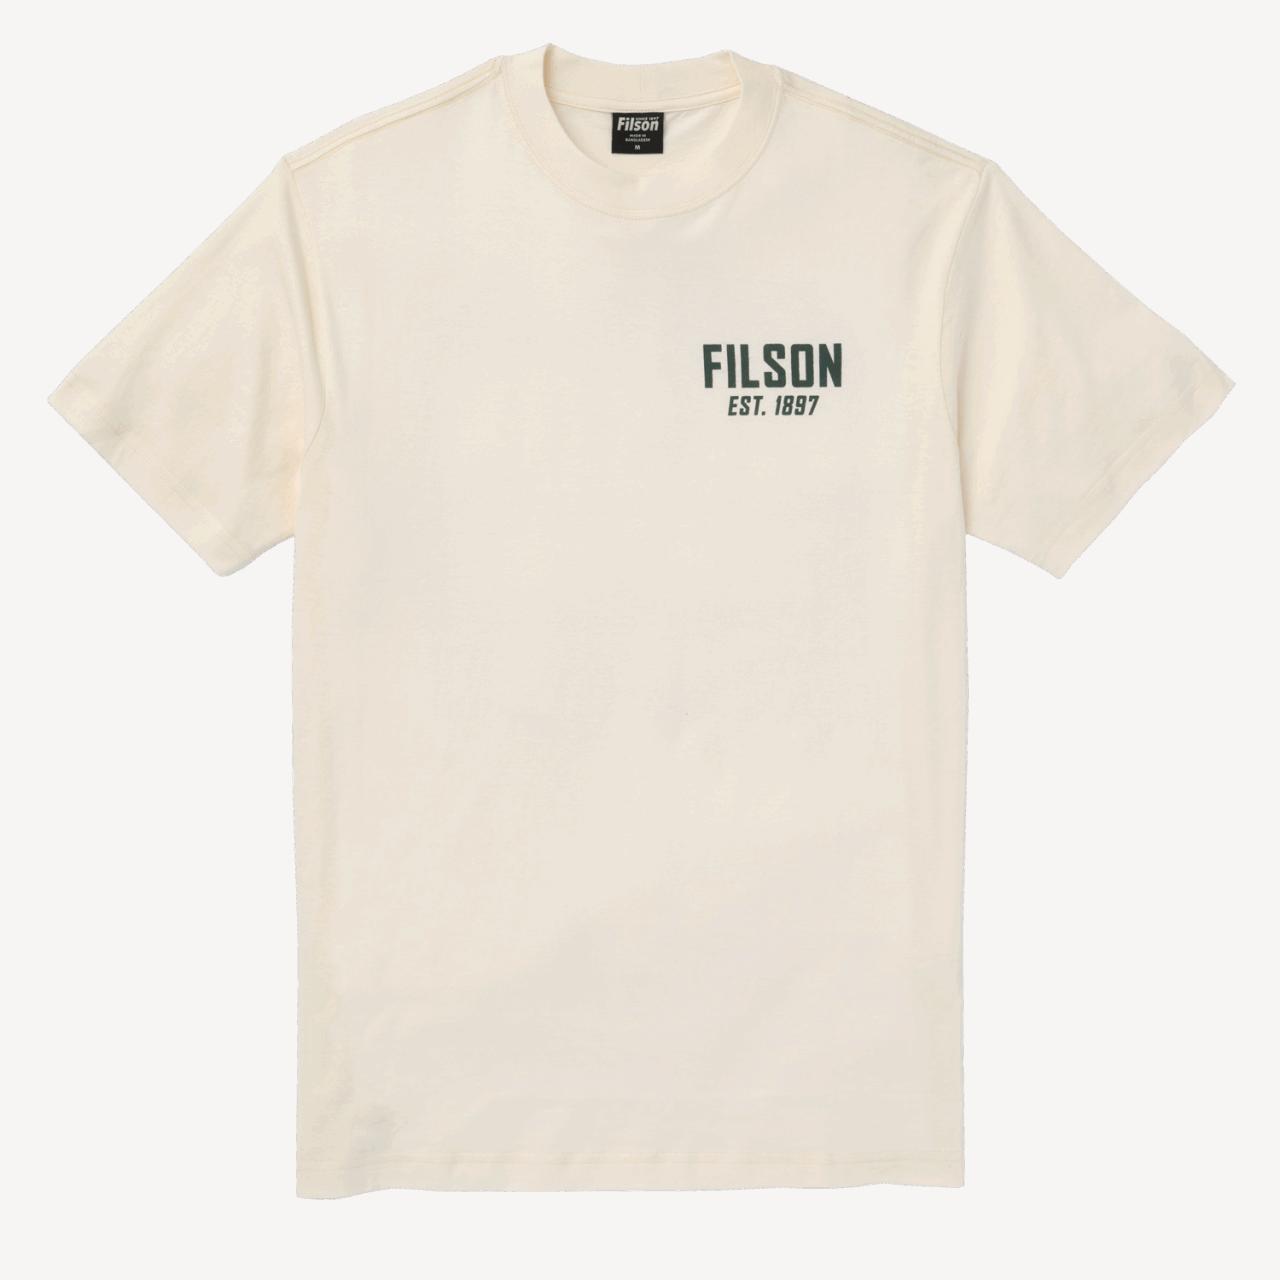 Filson Ranger Graphic T-Shirt - offwhite